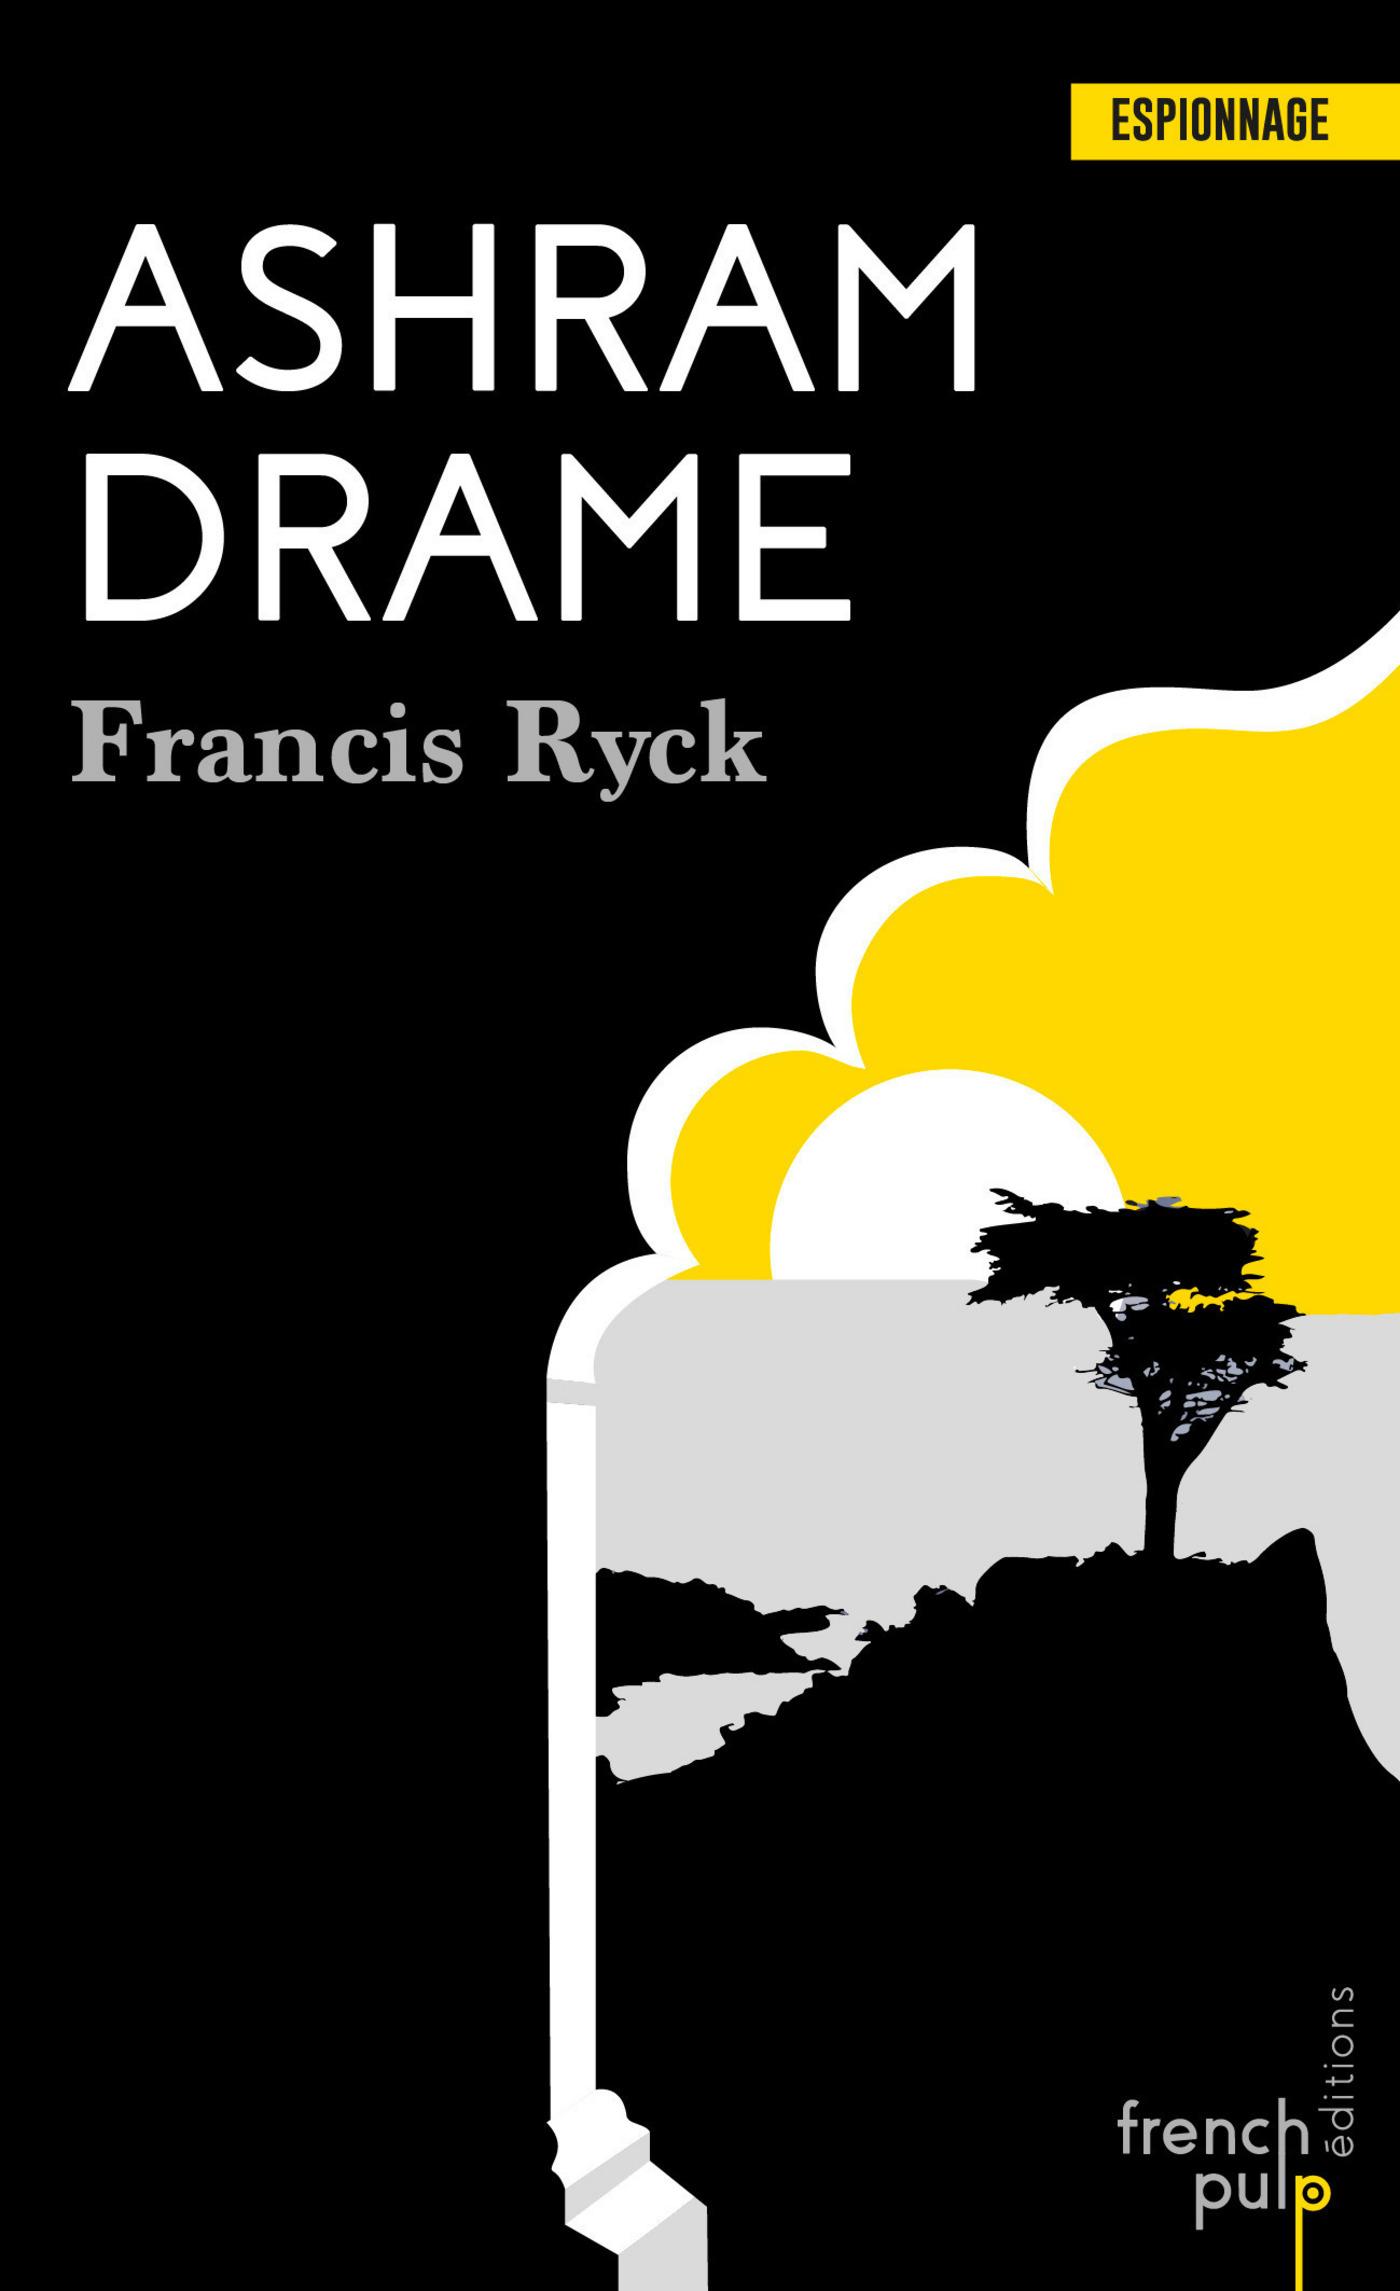 Ashram Drame